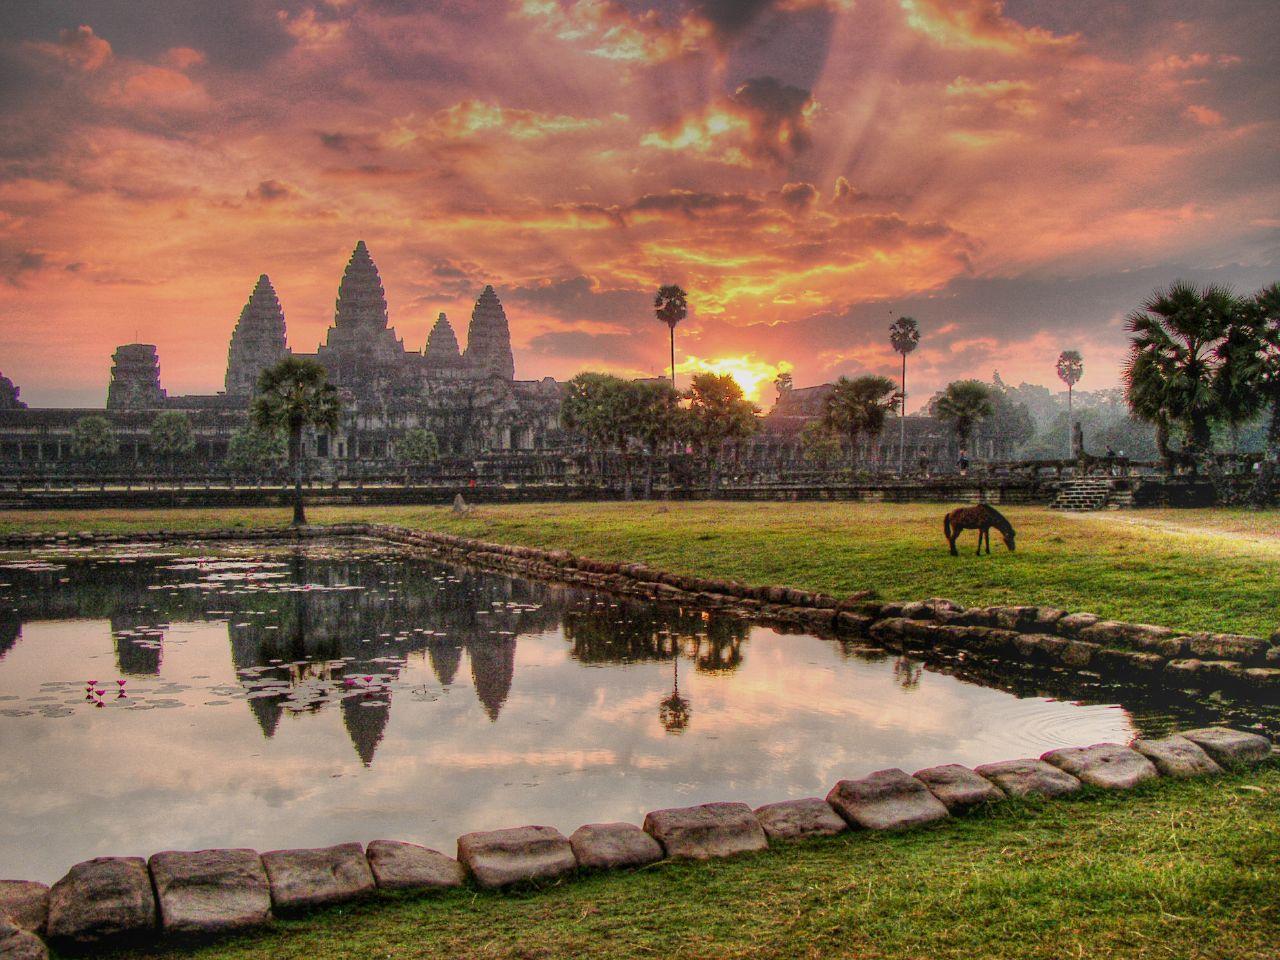 angkor_wat-wallpaper.cambodga